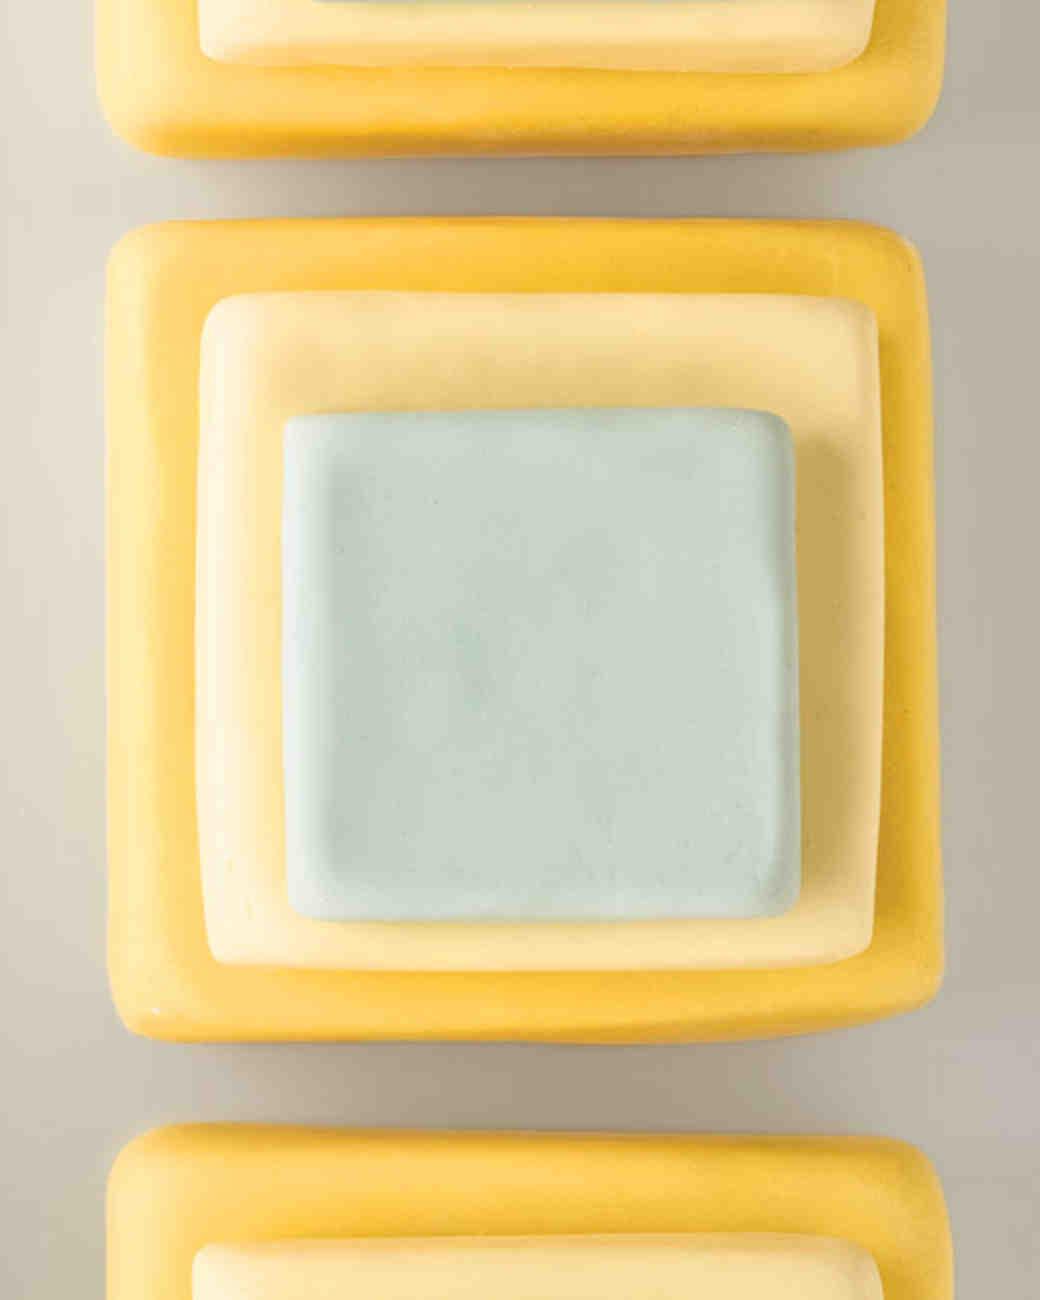 mwd105823_fall10_squares11.jpg